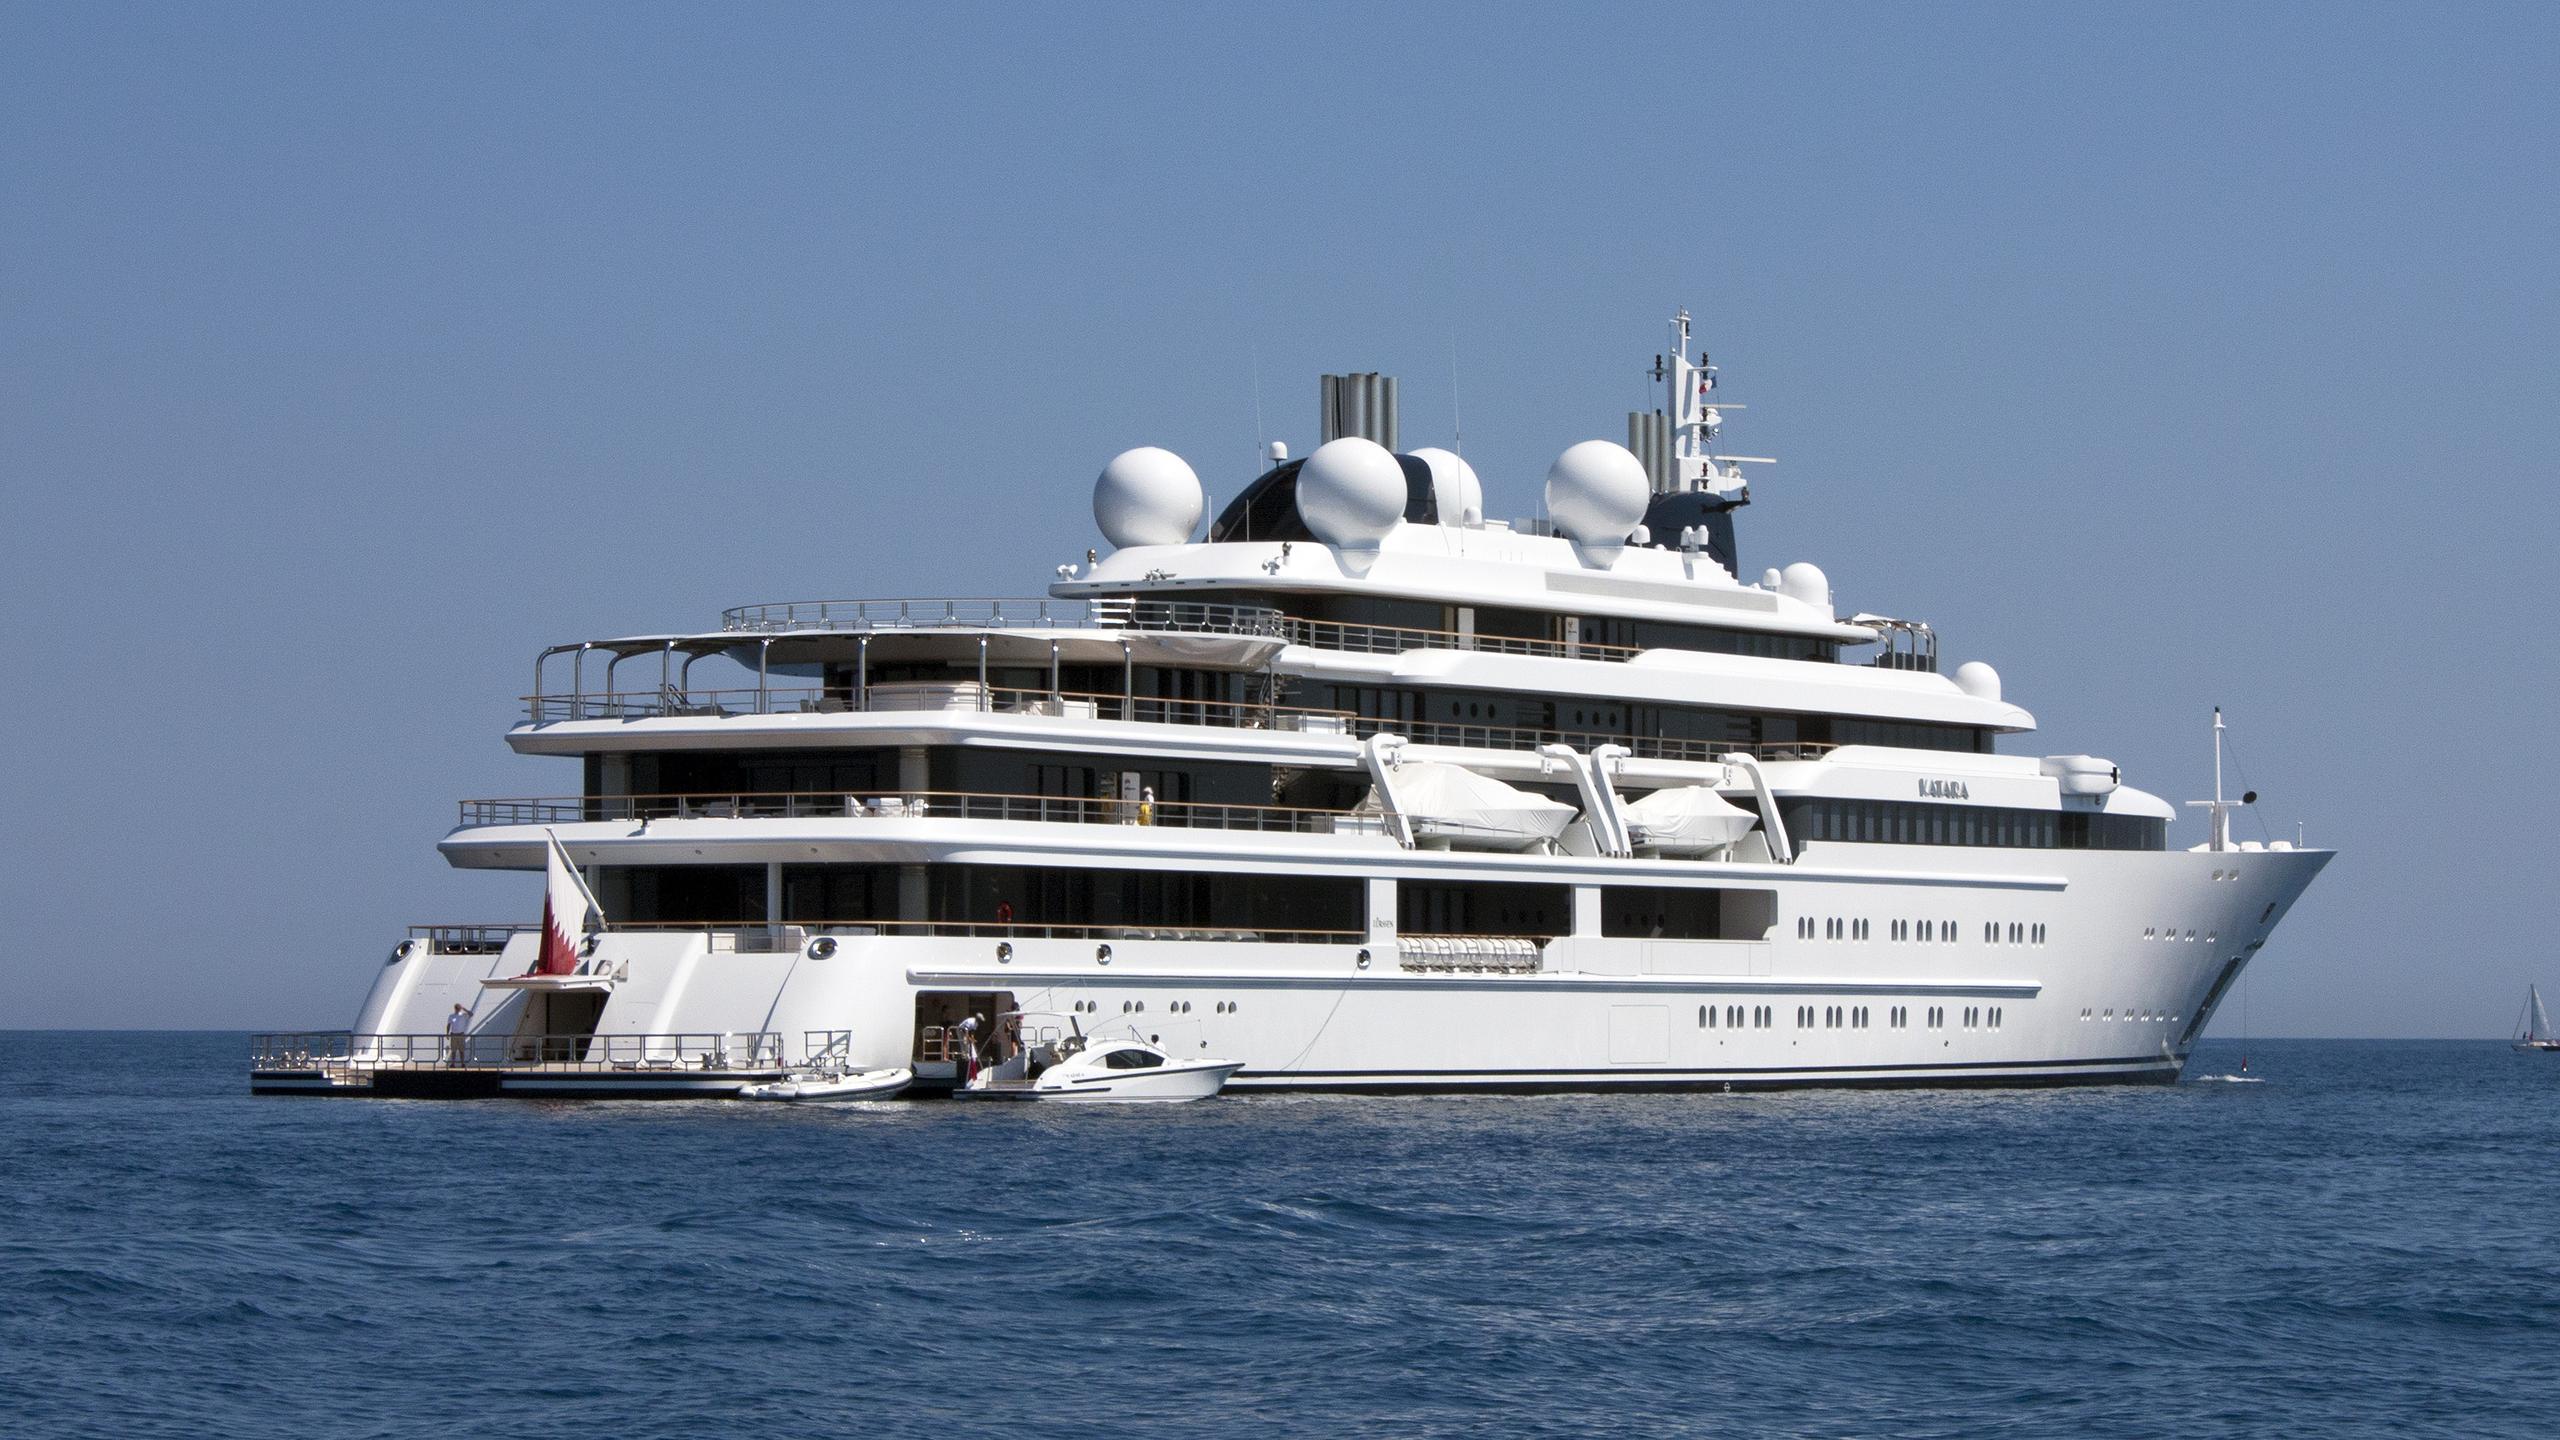 katara-motor-yacht-lurssen-2010-124m-half-profile-1